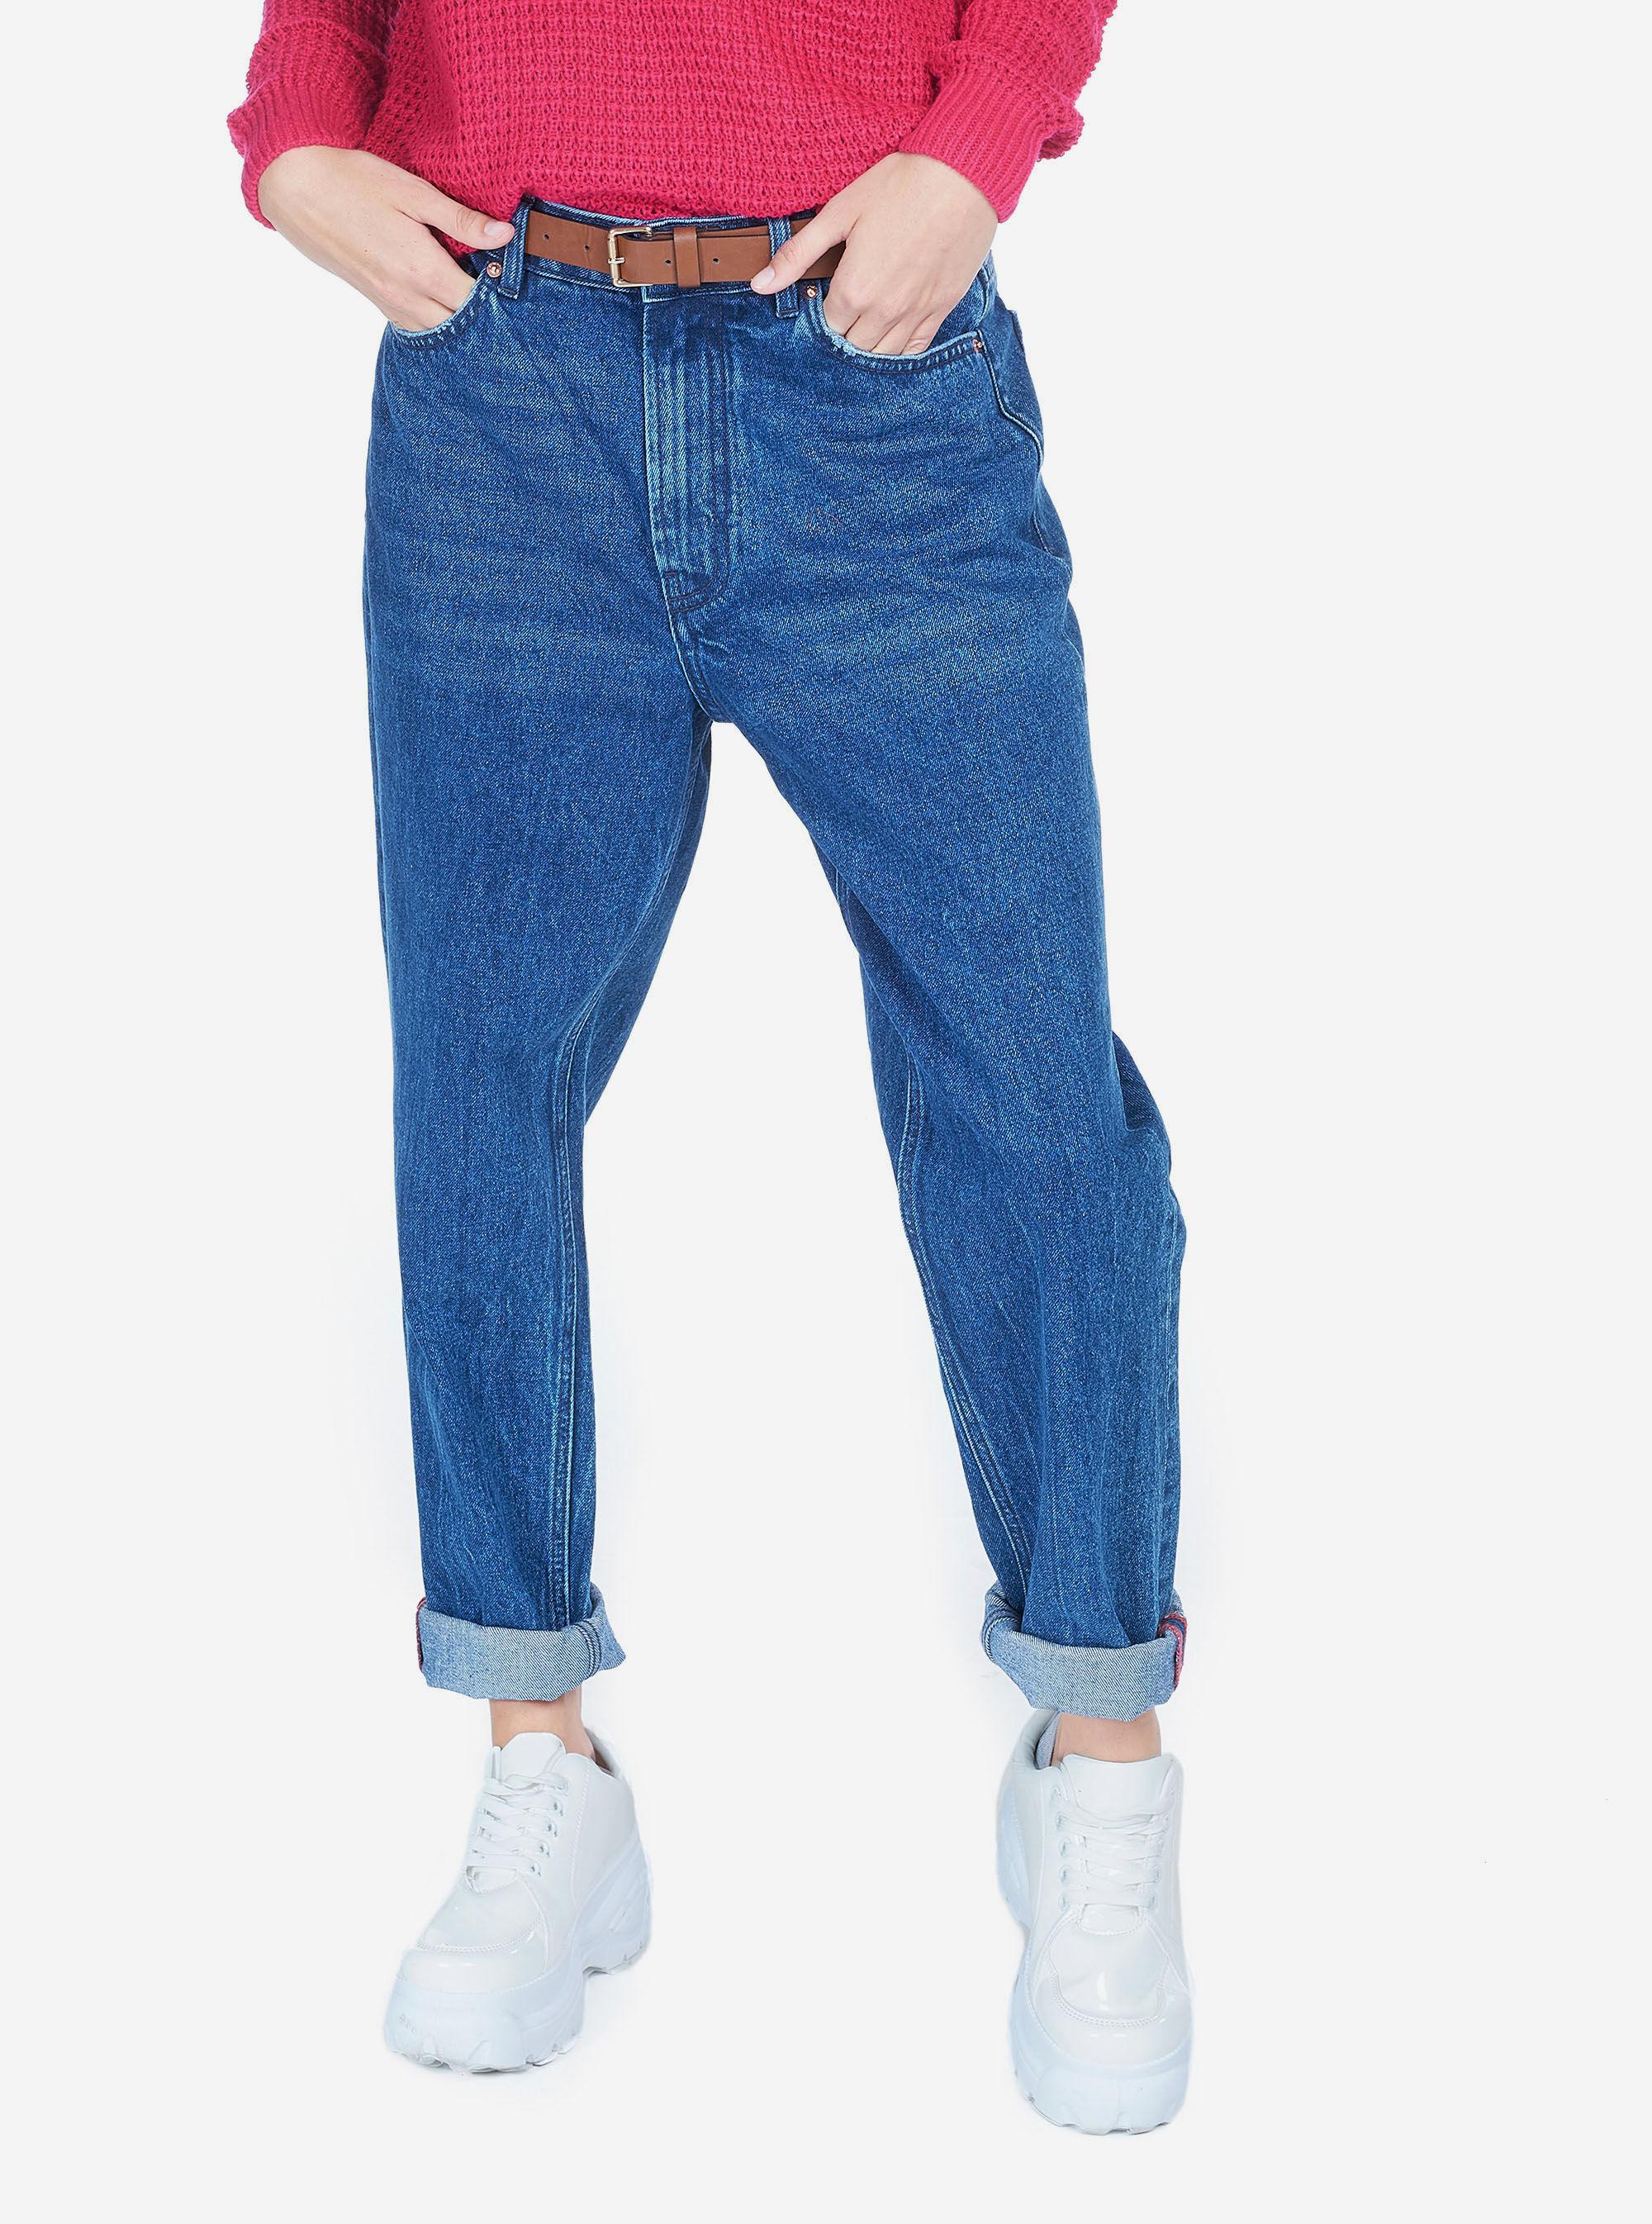 Pantaloni Slim Cigarette Blu Azzurri Donna   ESCALES